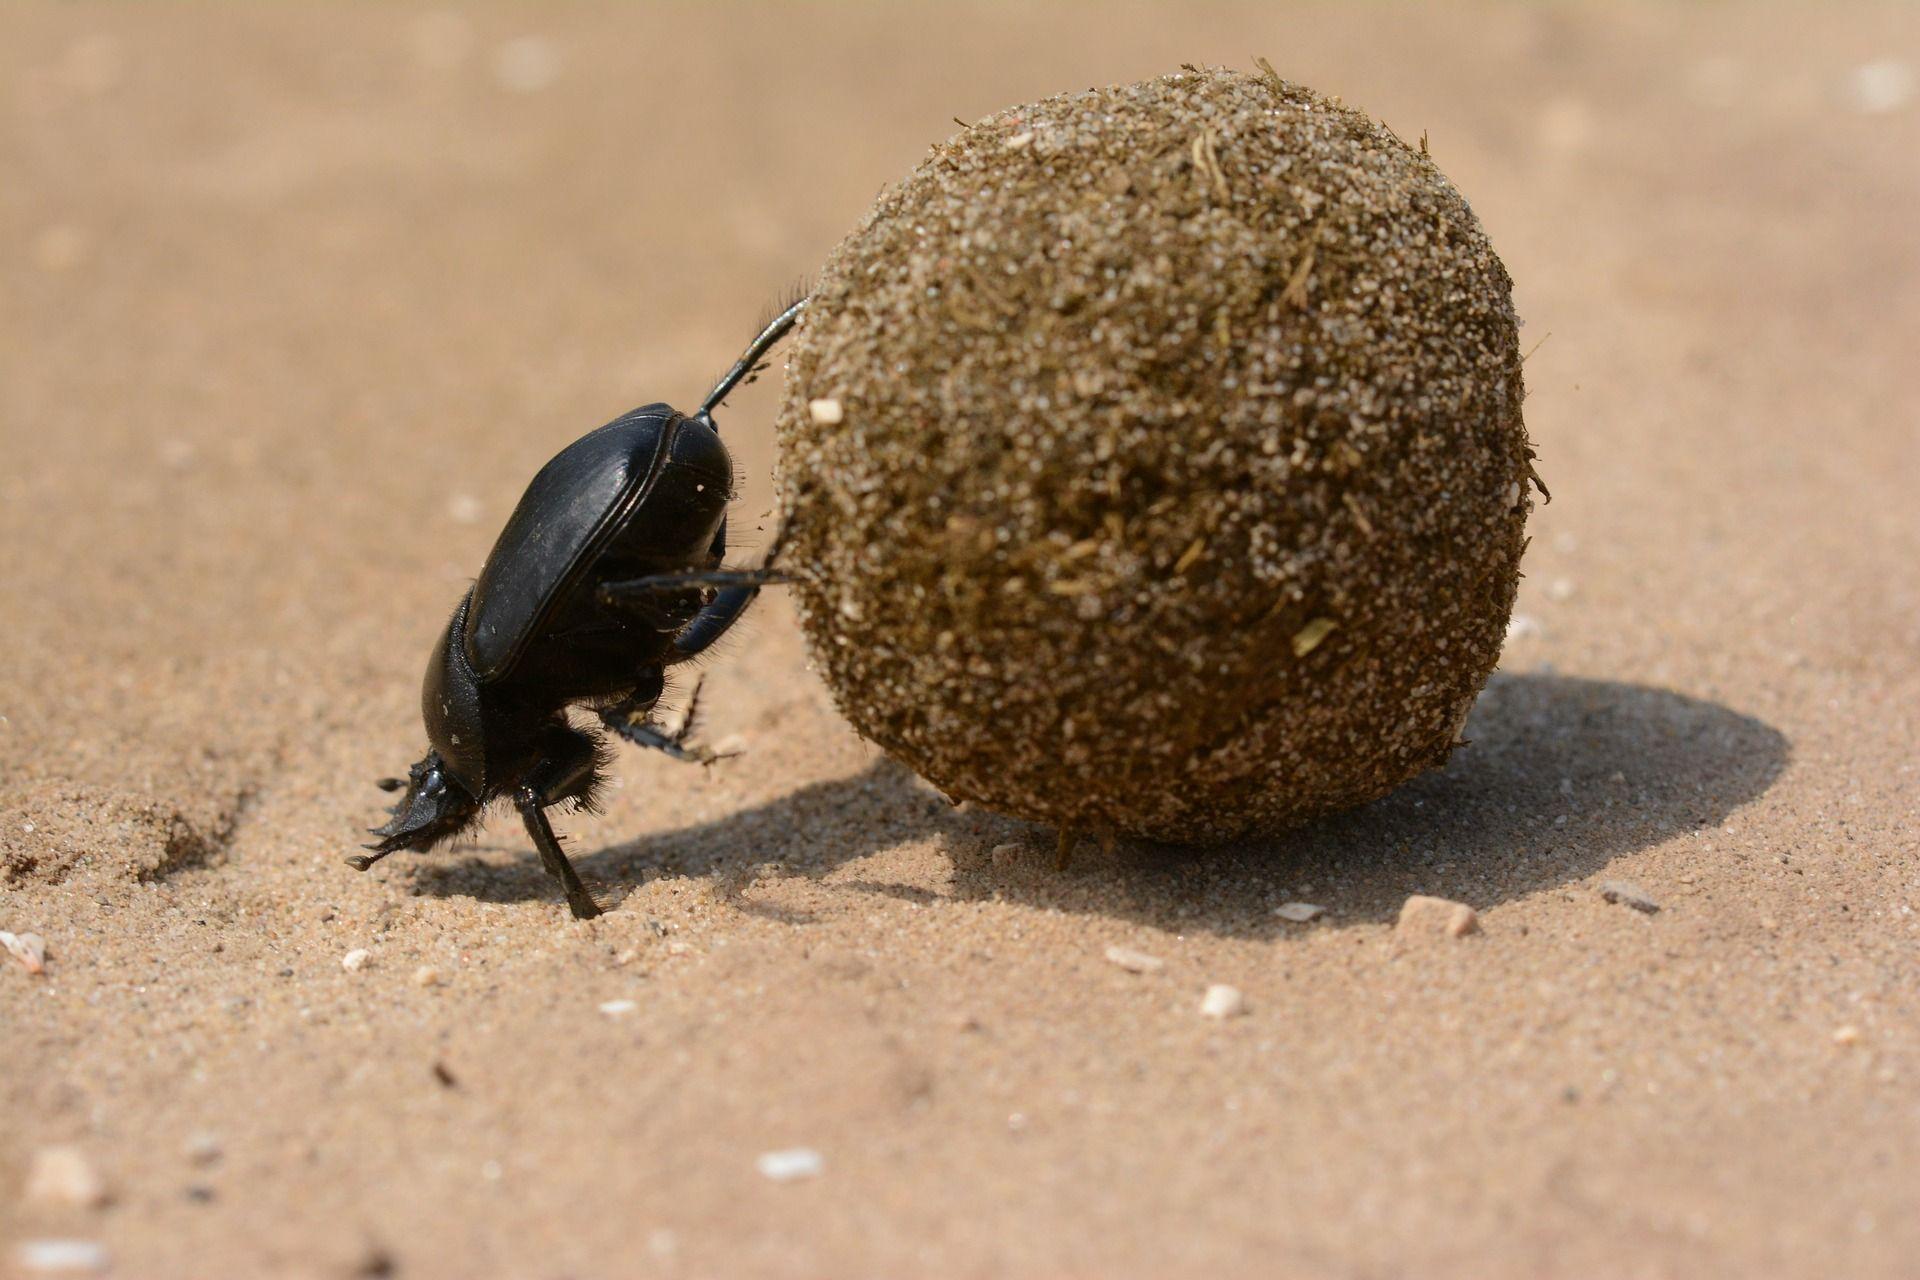 Scarabäus müht sich mit Riesenpille